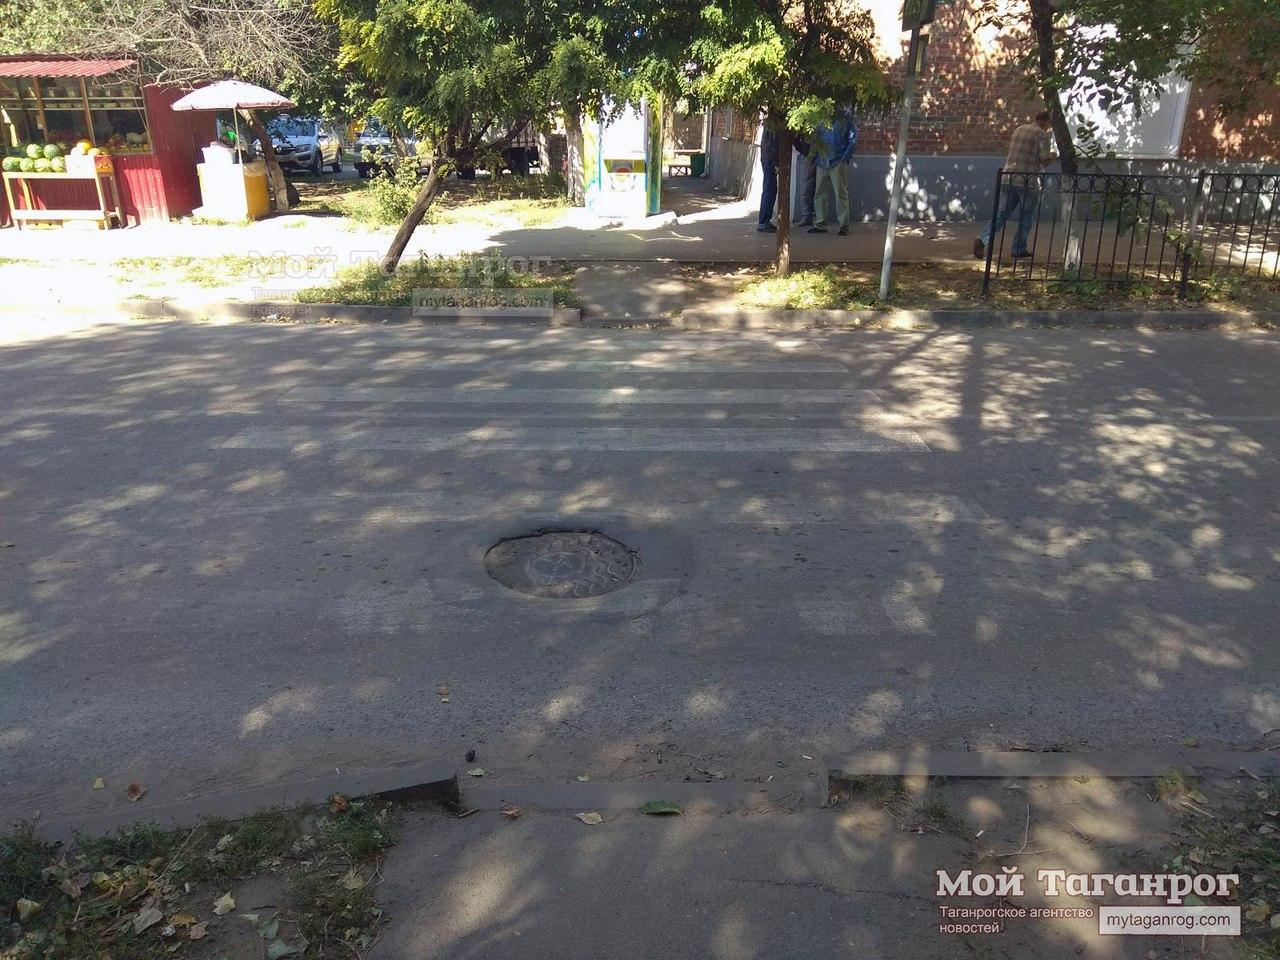 В Таганроге водитель Peugeot сбил пешехода на пешеходном переходе